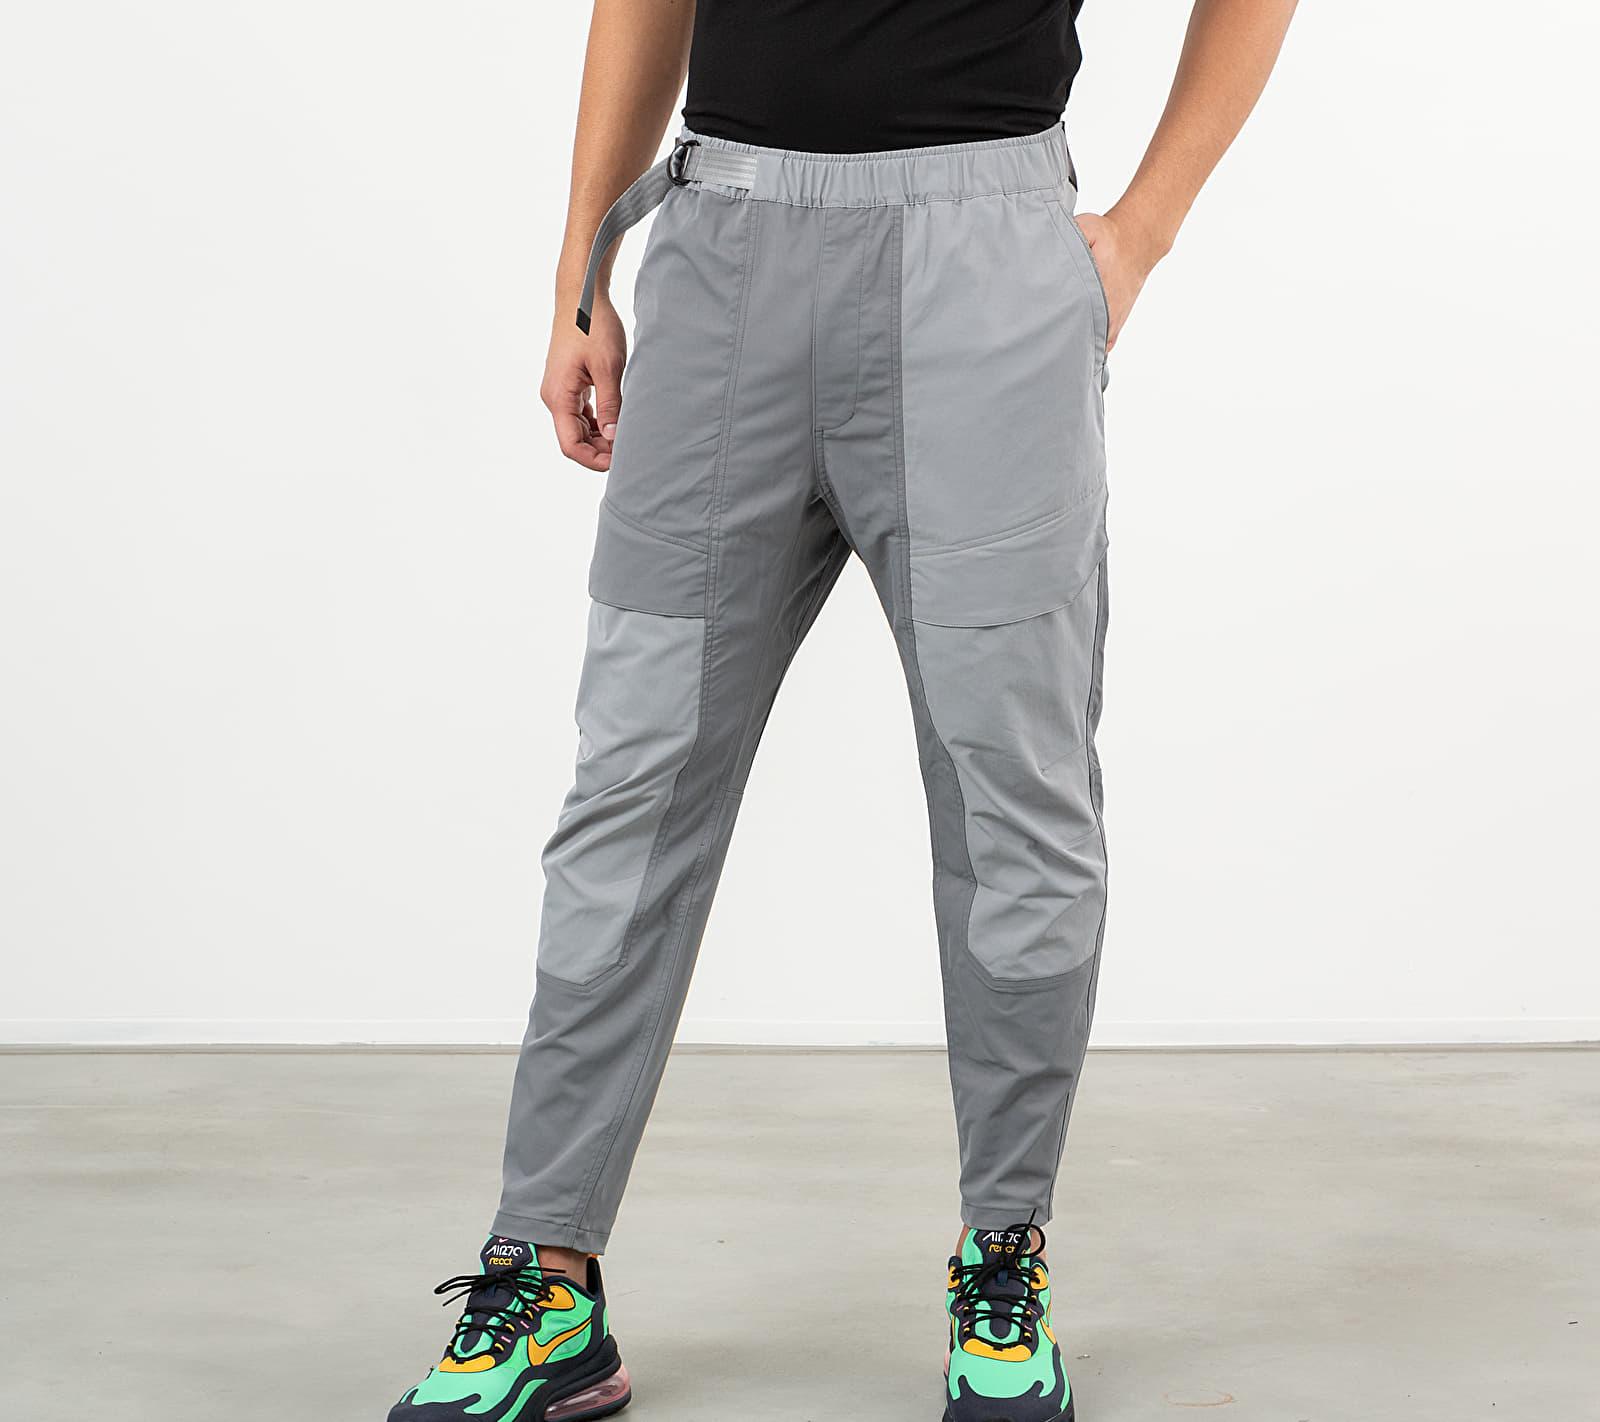 Nike Sportswear Tech Pack Woven Pants Smoke Grey/ Particle Grey/ Black, Gray